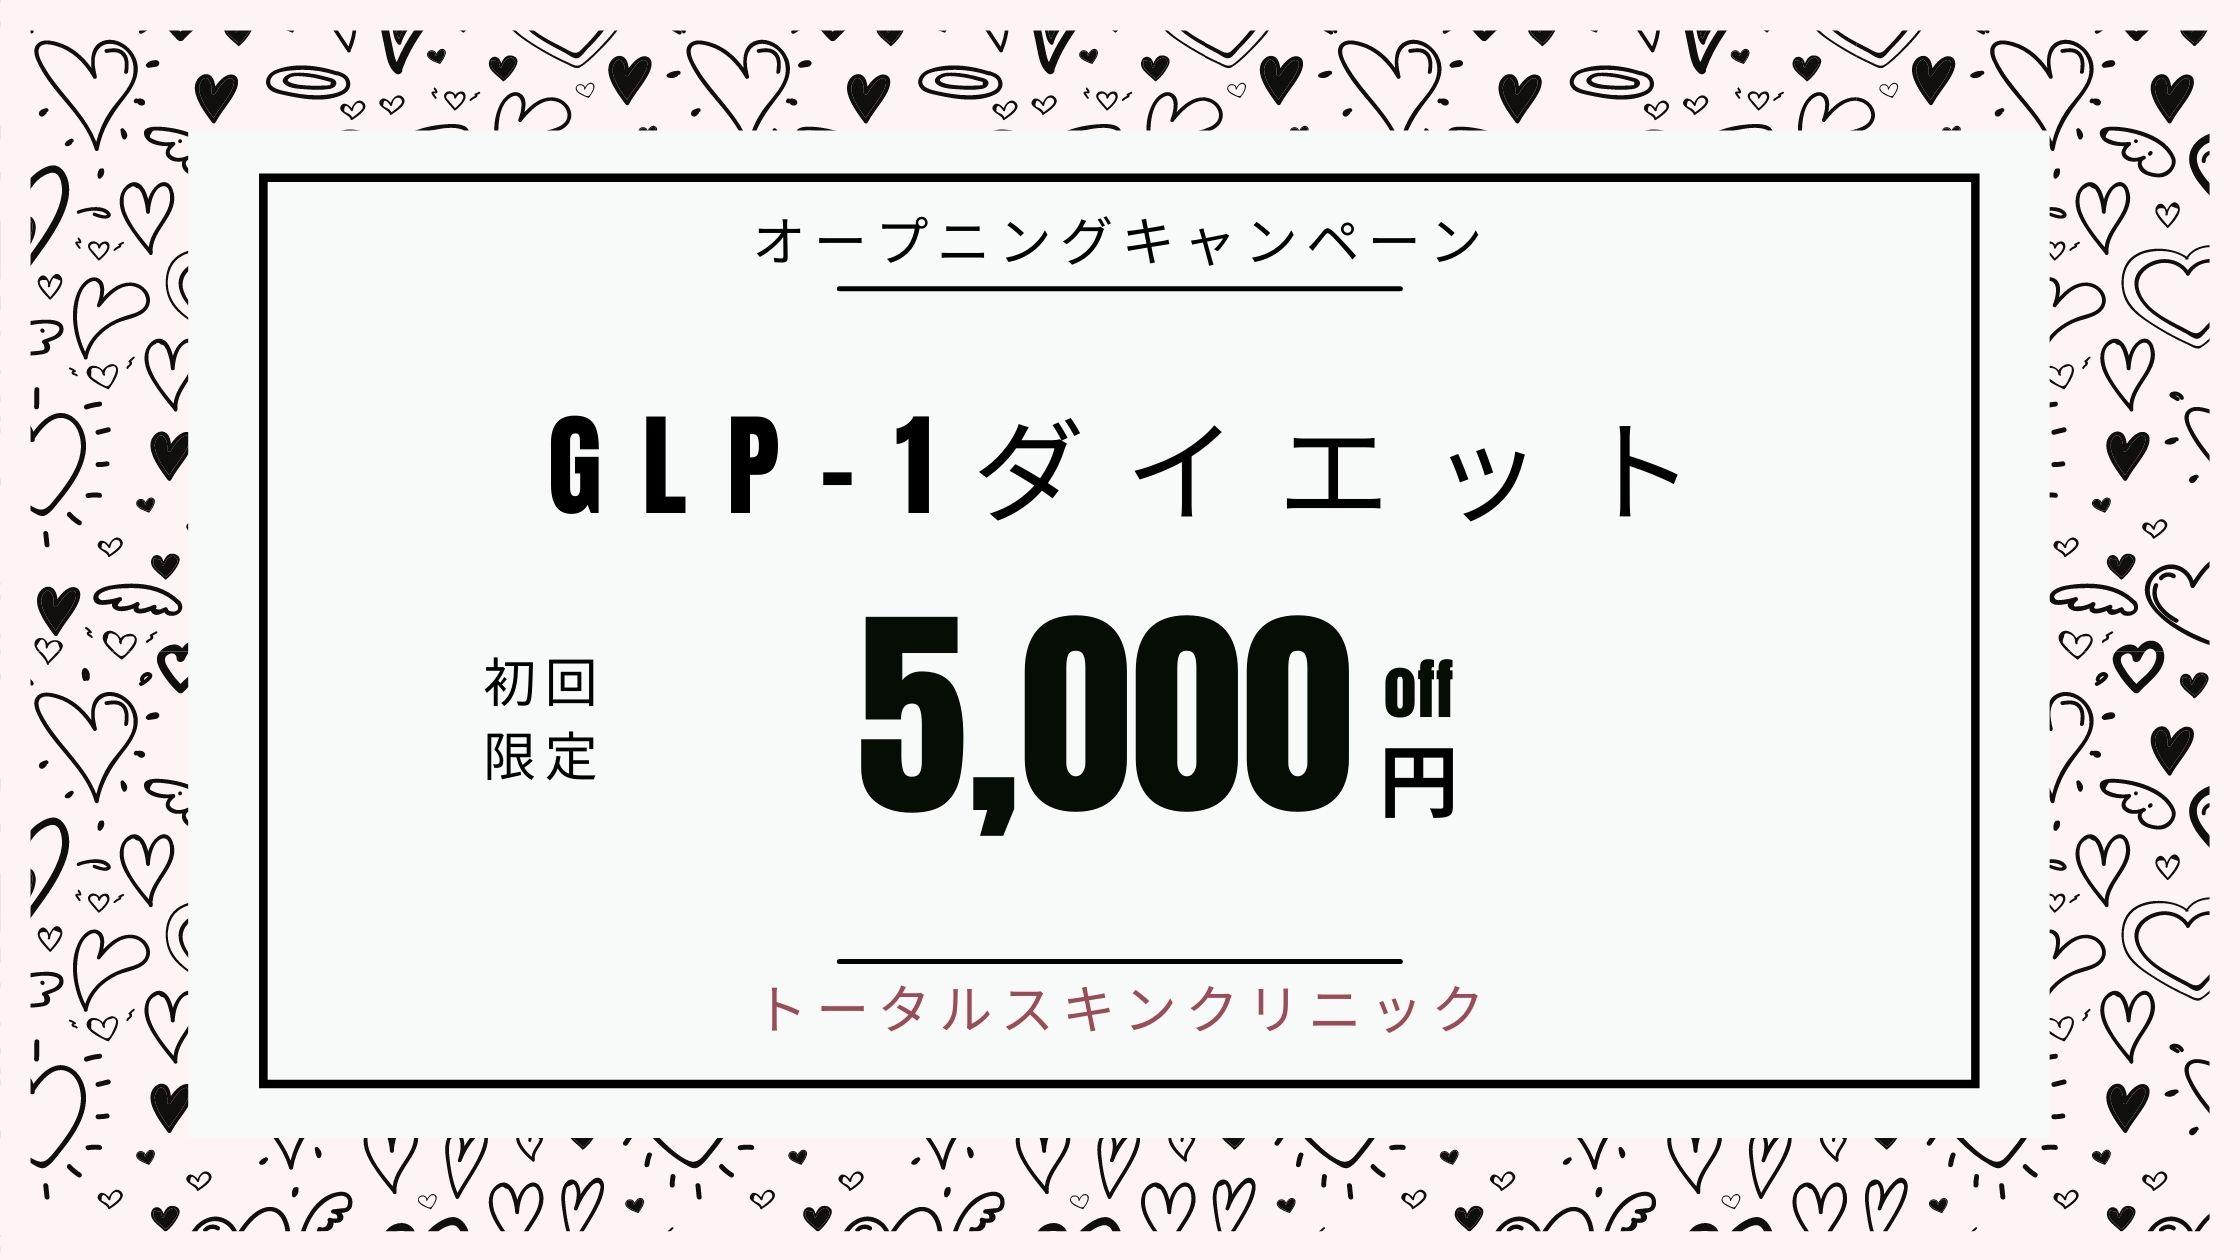 GLP-1ダイエット、サクセンダ、5000円引き